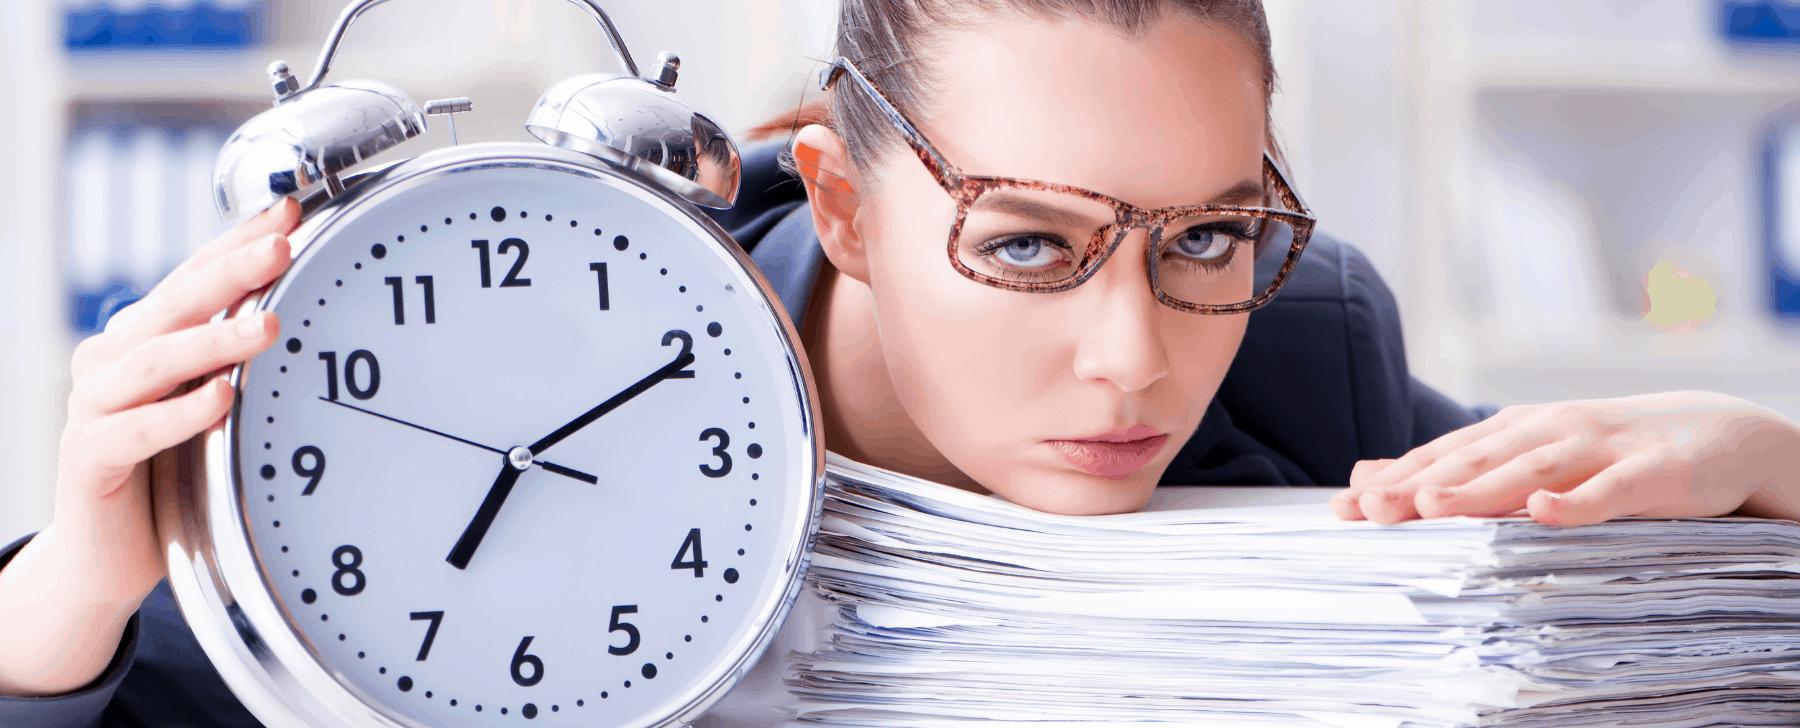 إدارة وقت الموظفين بكفاءة